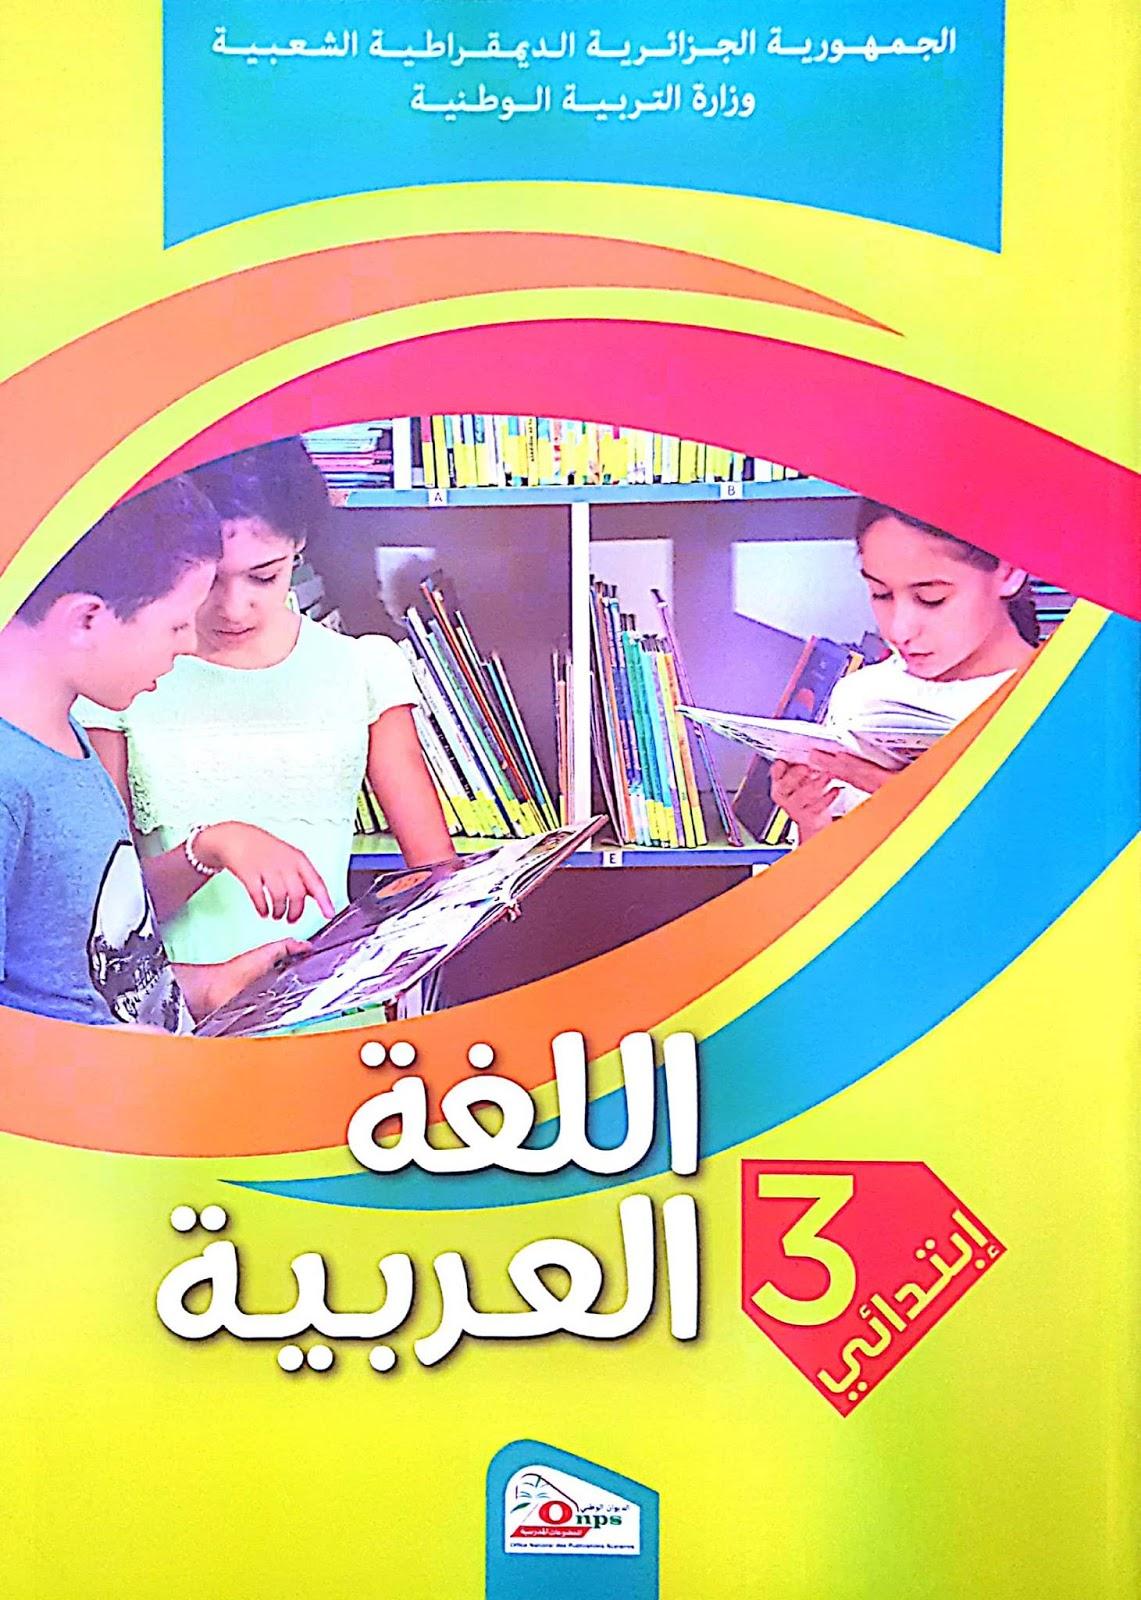 الجواب الكافي في اللغة العربية للسنة الرابعة متوسط الجيل الثاني